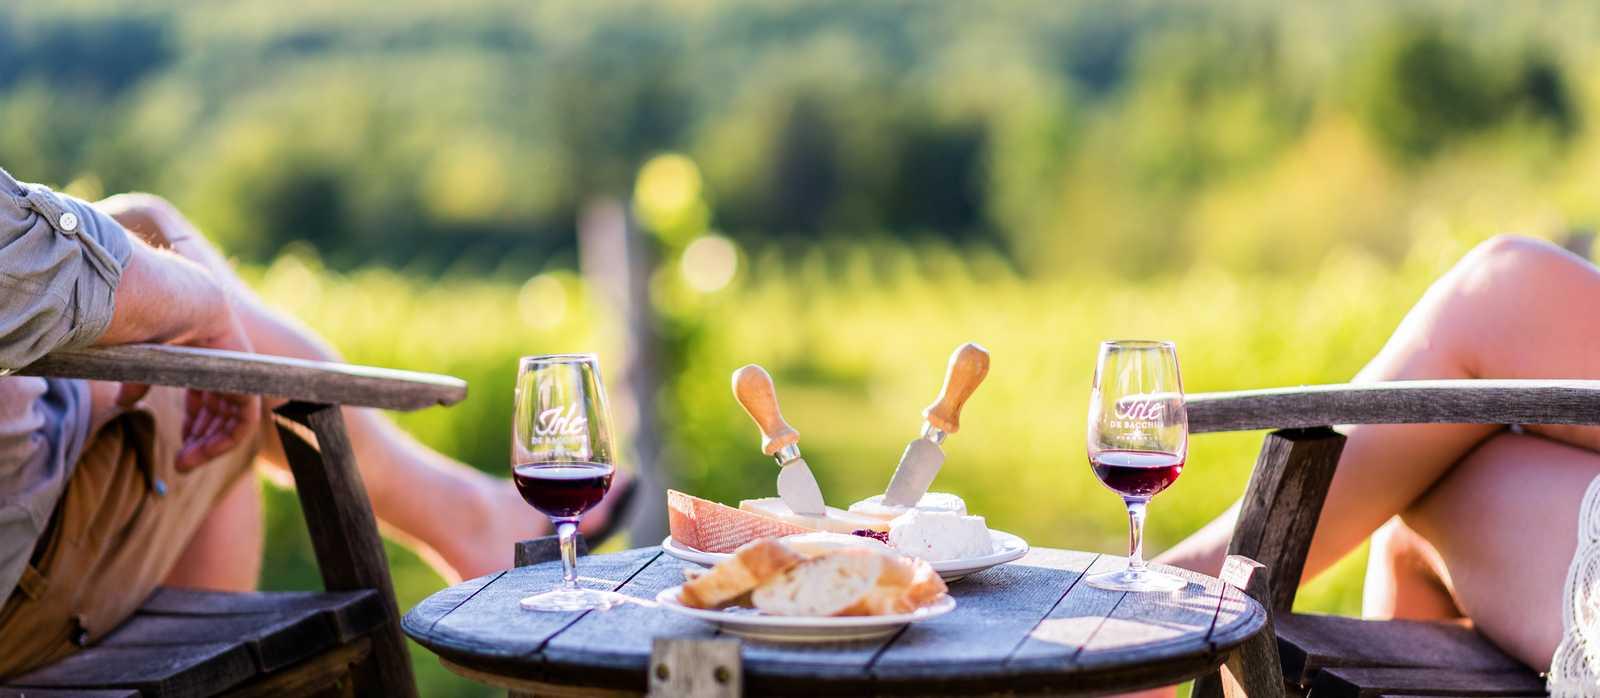 Ein Paar genießt Wein und Käse mit Blick auf den Sankt-Lorenz-Strom in Québec